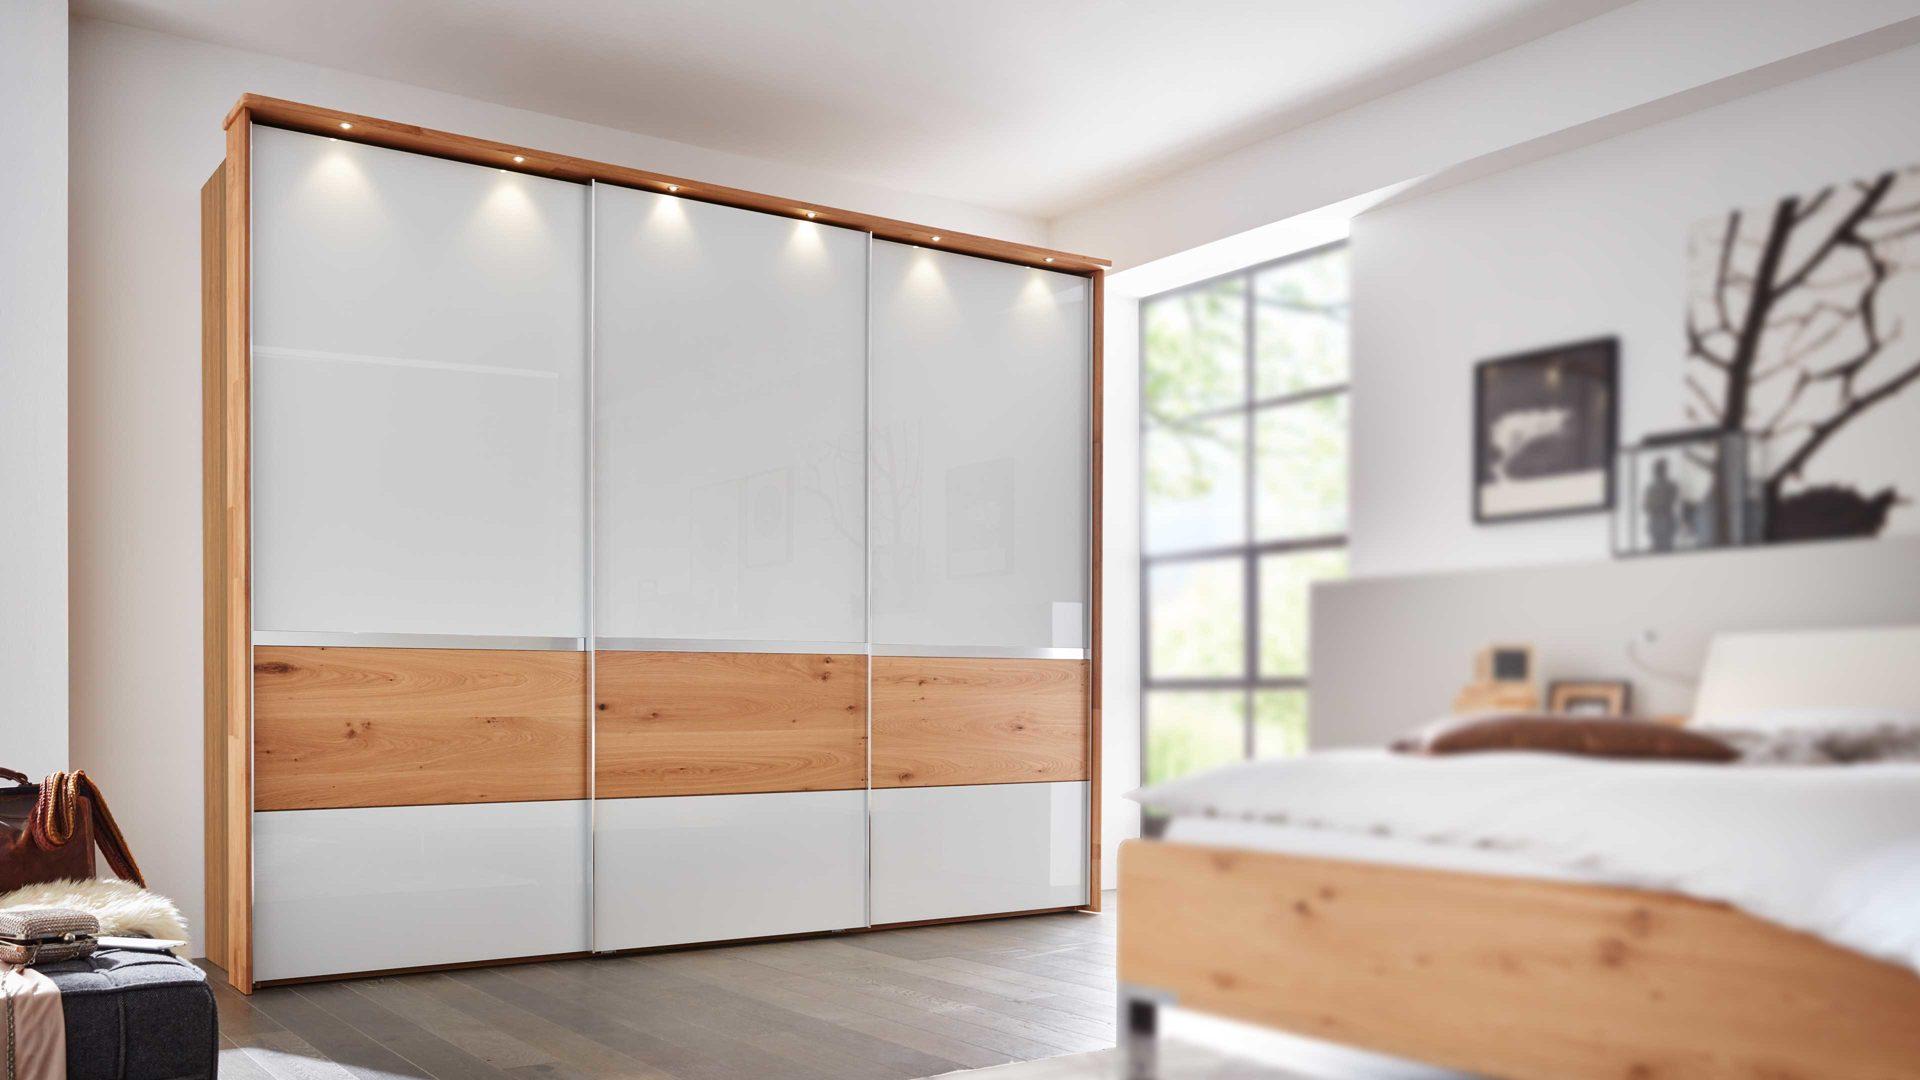 Interliving Schlafzimmer Serie 15 – Schwebetürenschrank mit Beleuchtung